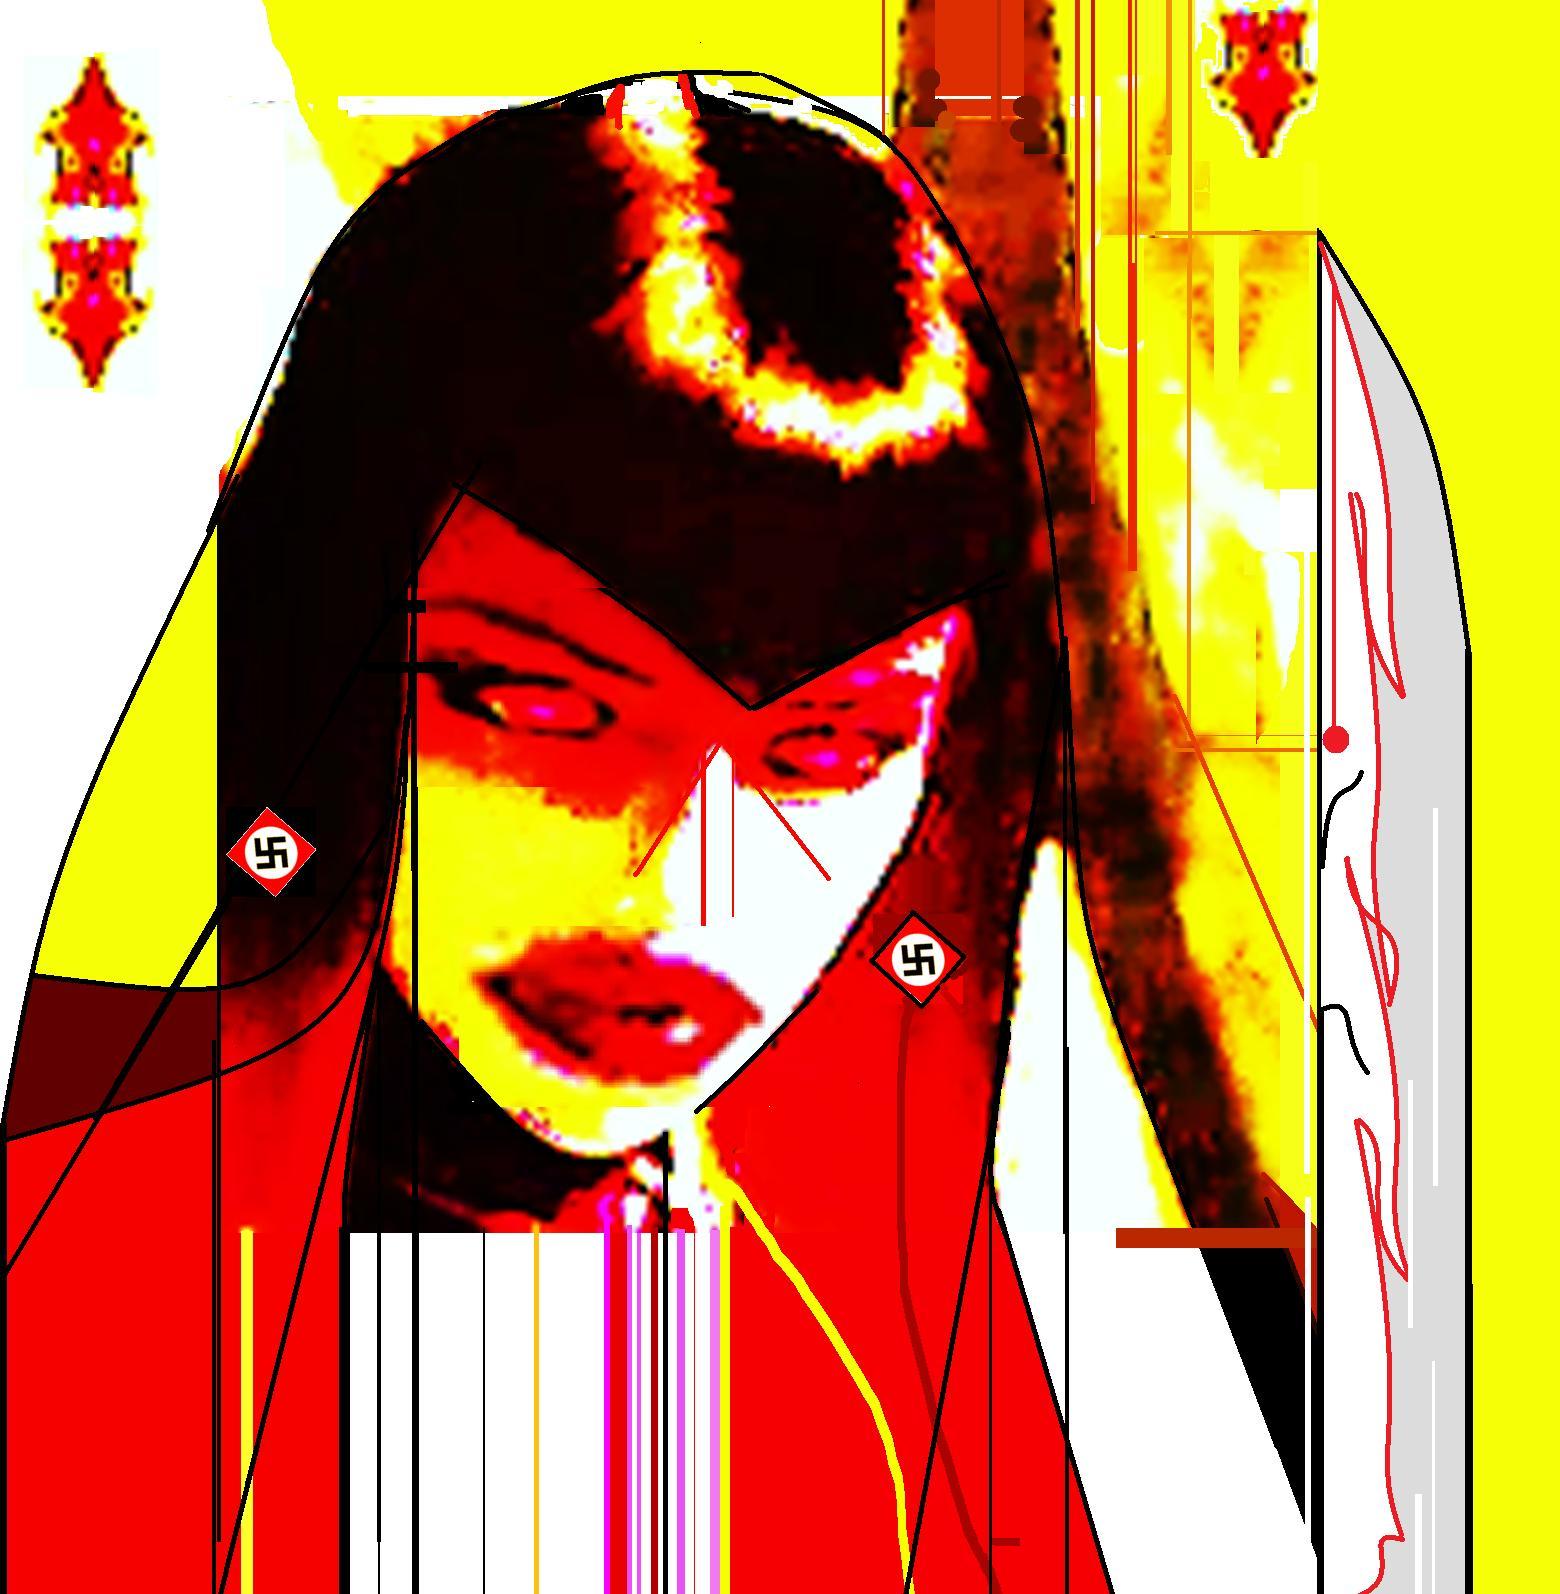 Douteur 6942 art conceptuel comprendre l information for Art minimal et conceptuel